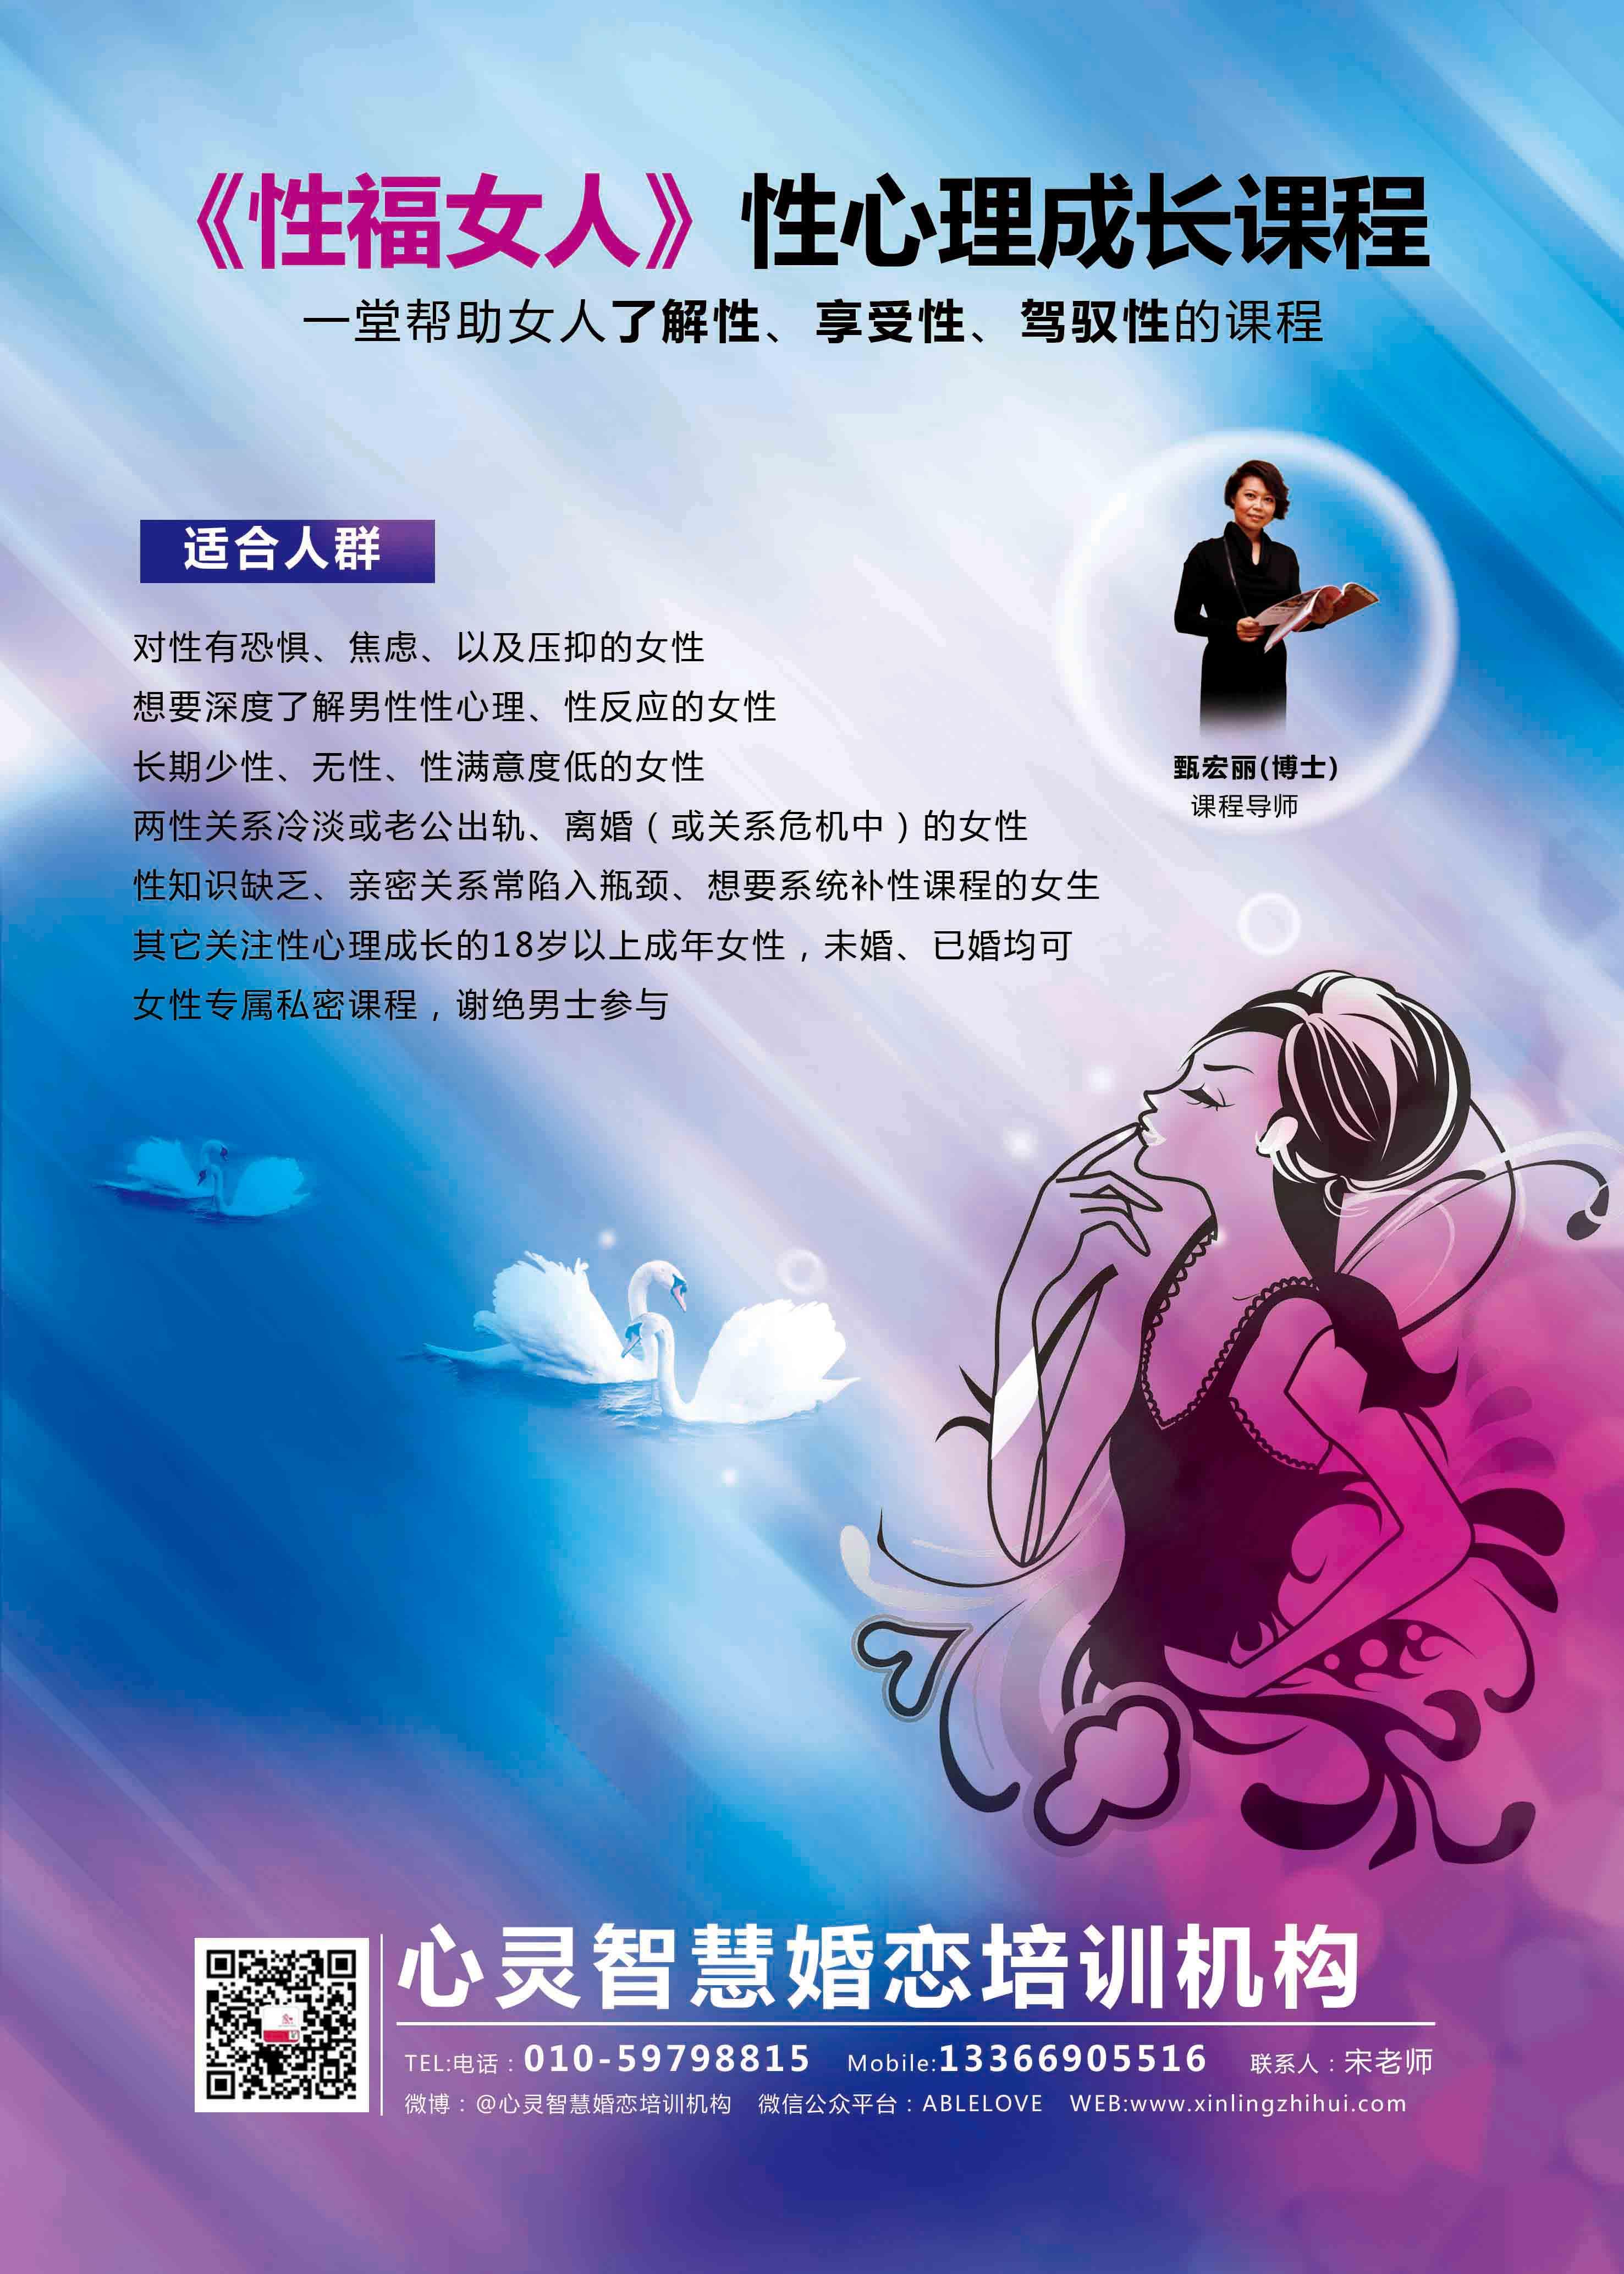 教育培训机构培训课程海报及易拉宝设计